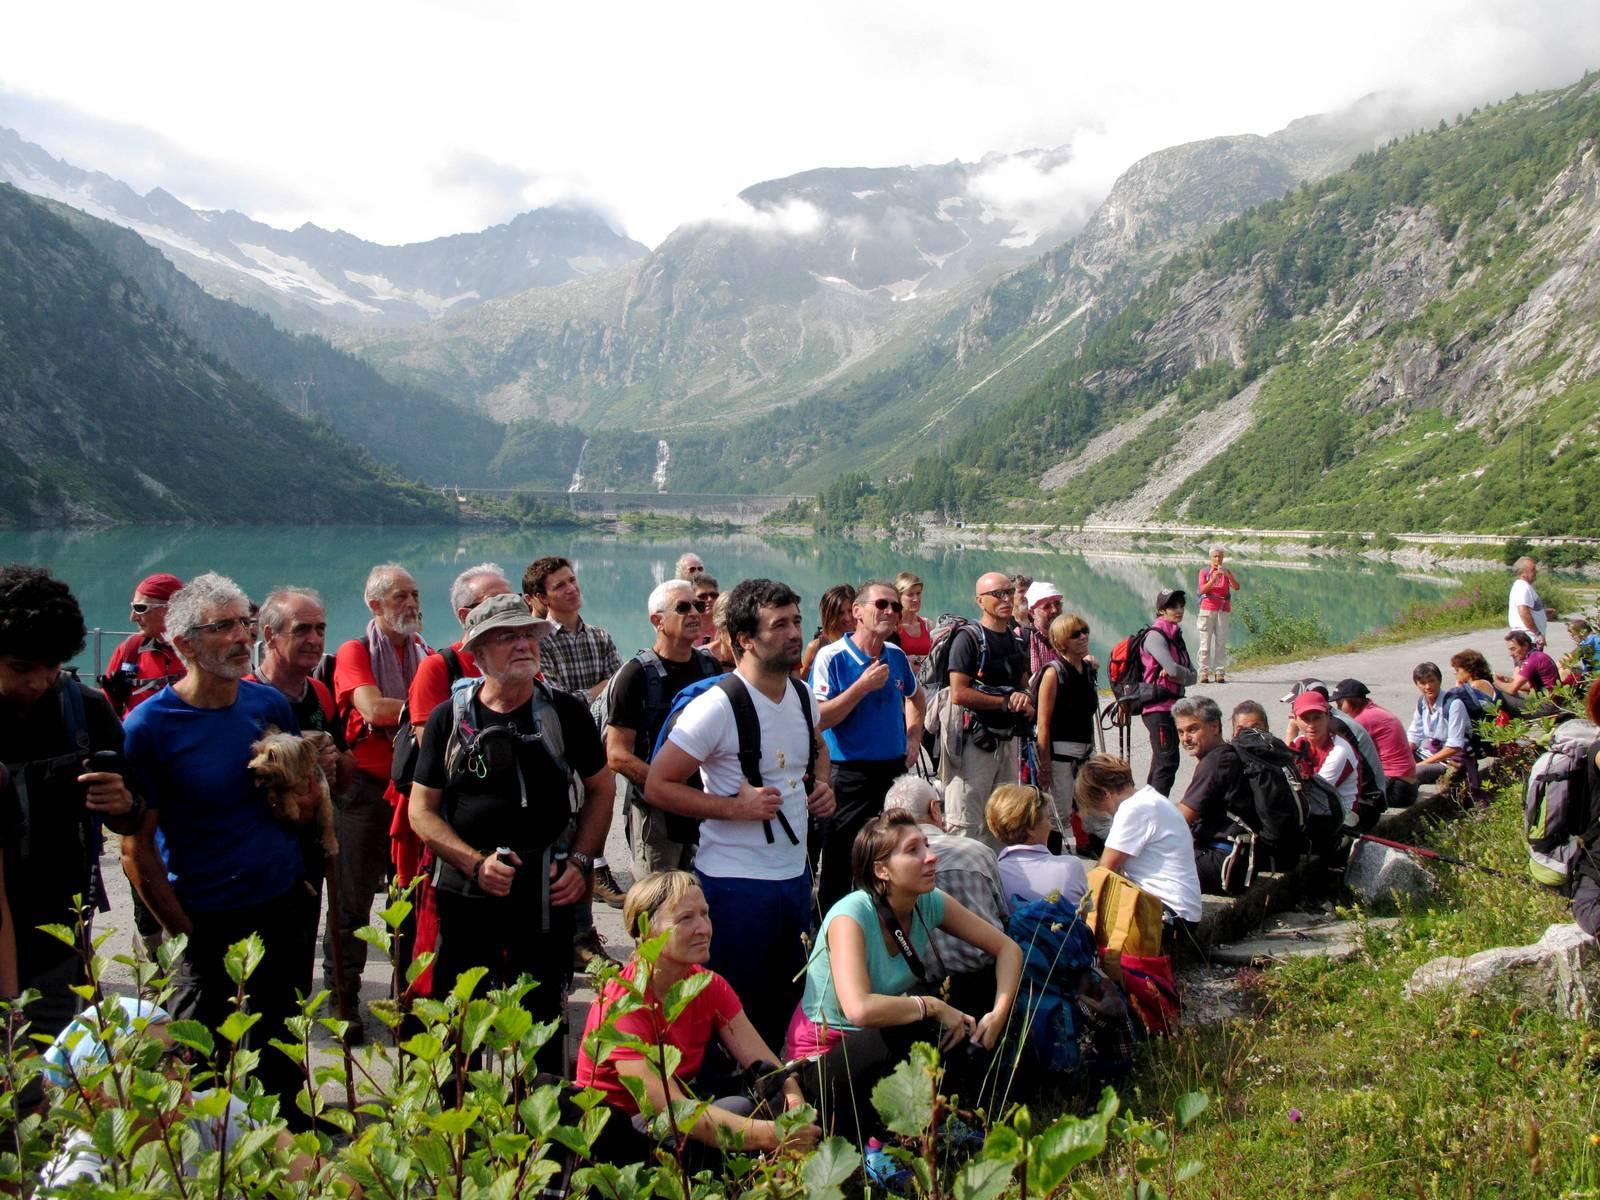 Passi-nella-neve-9-agosto-2014_Narrazione-in-cammino-destinazione-Garibaldi19 Copia